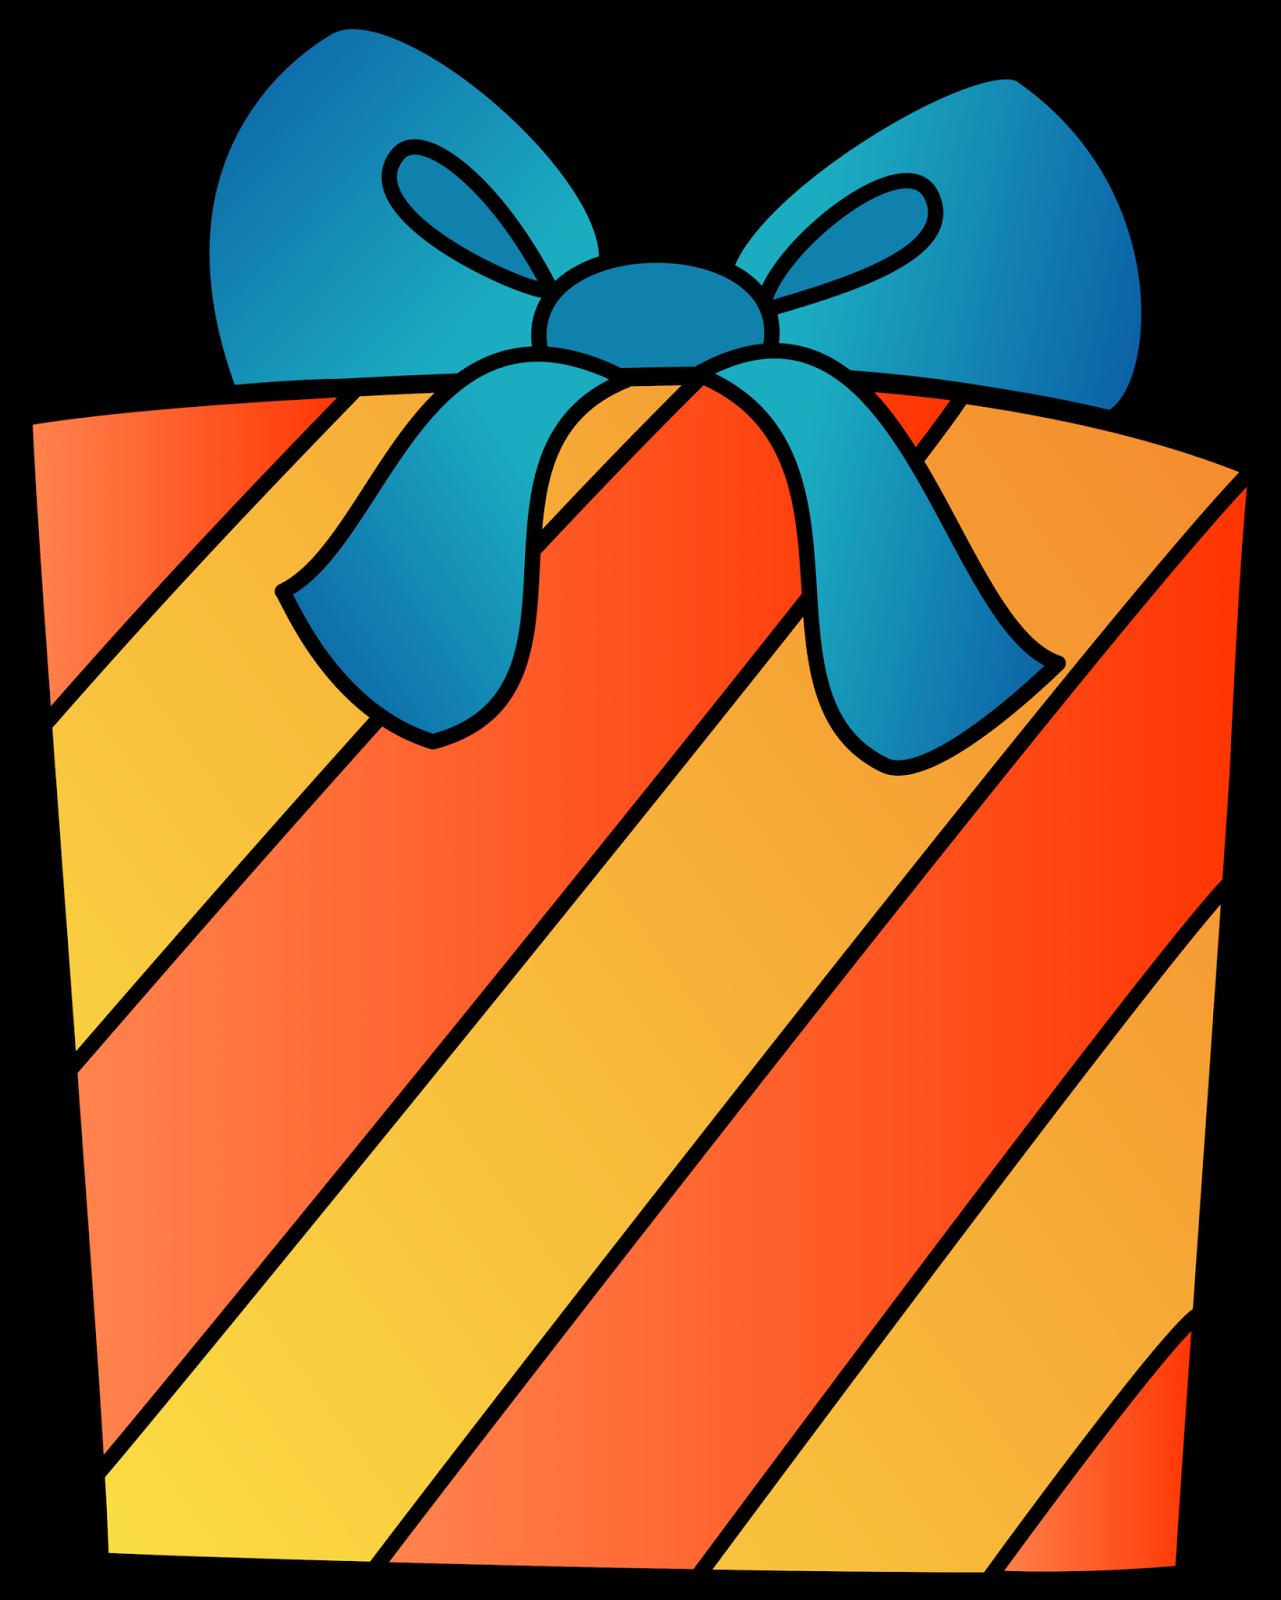 Birthday clipart orange Clipart Clip present Happy clipart